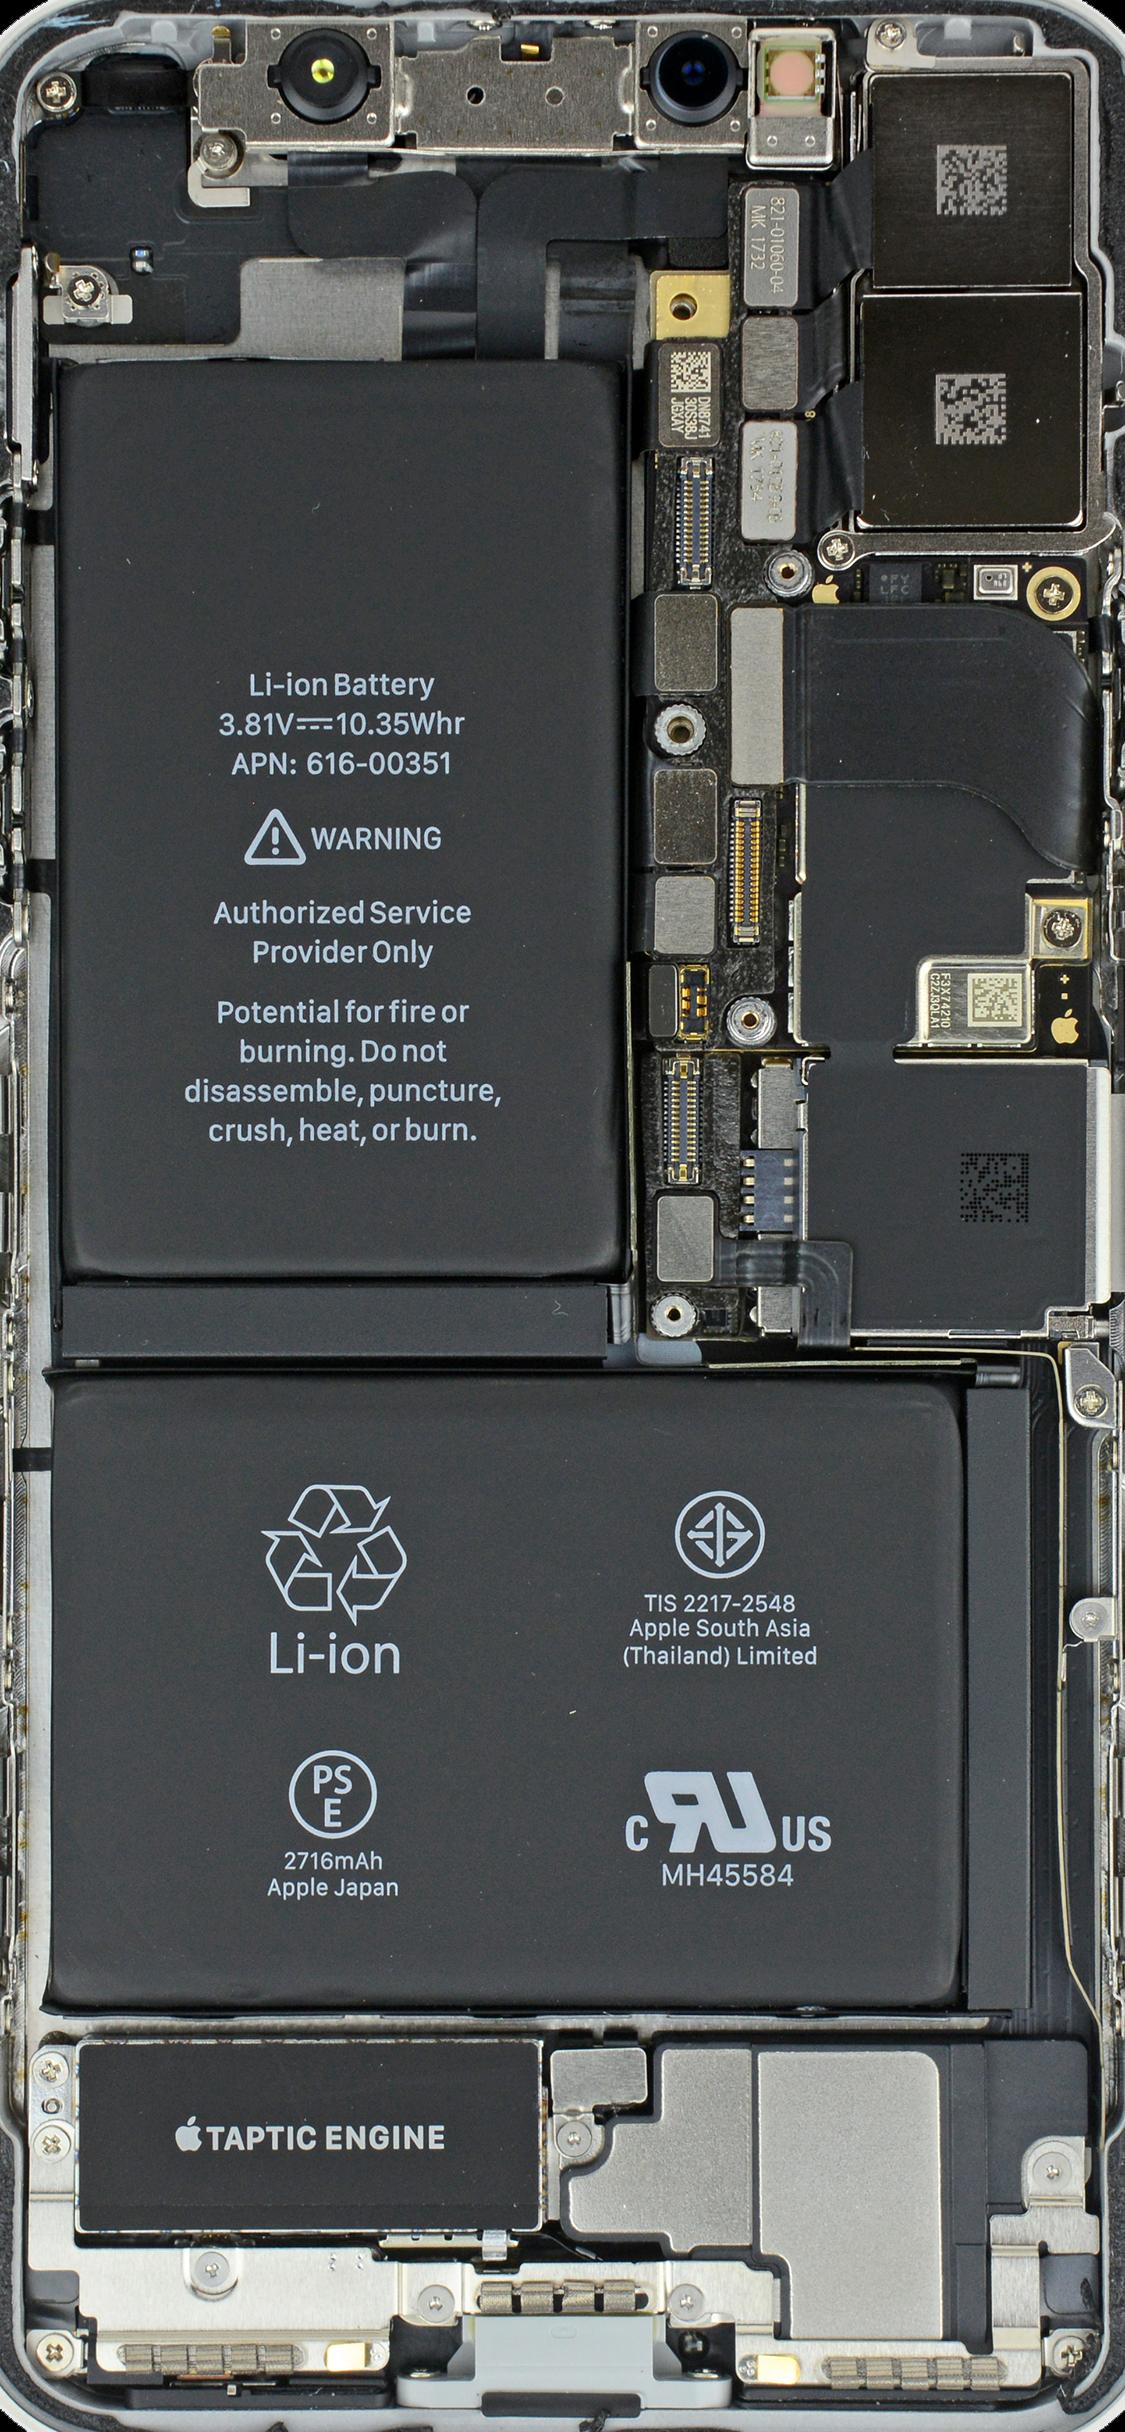 ดาวน โหลดภาพพ นหล งวงจรภายในของ Iphone X 7 6 และร นอ นๆ